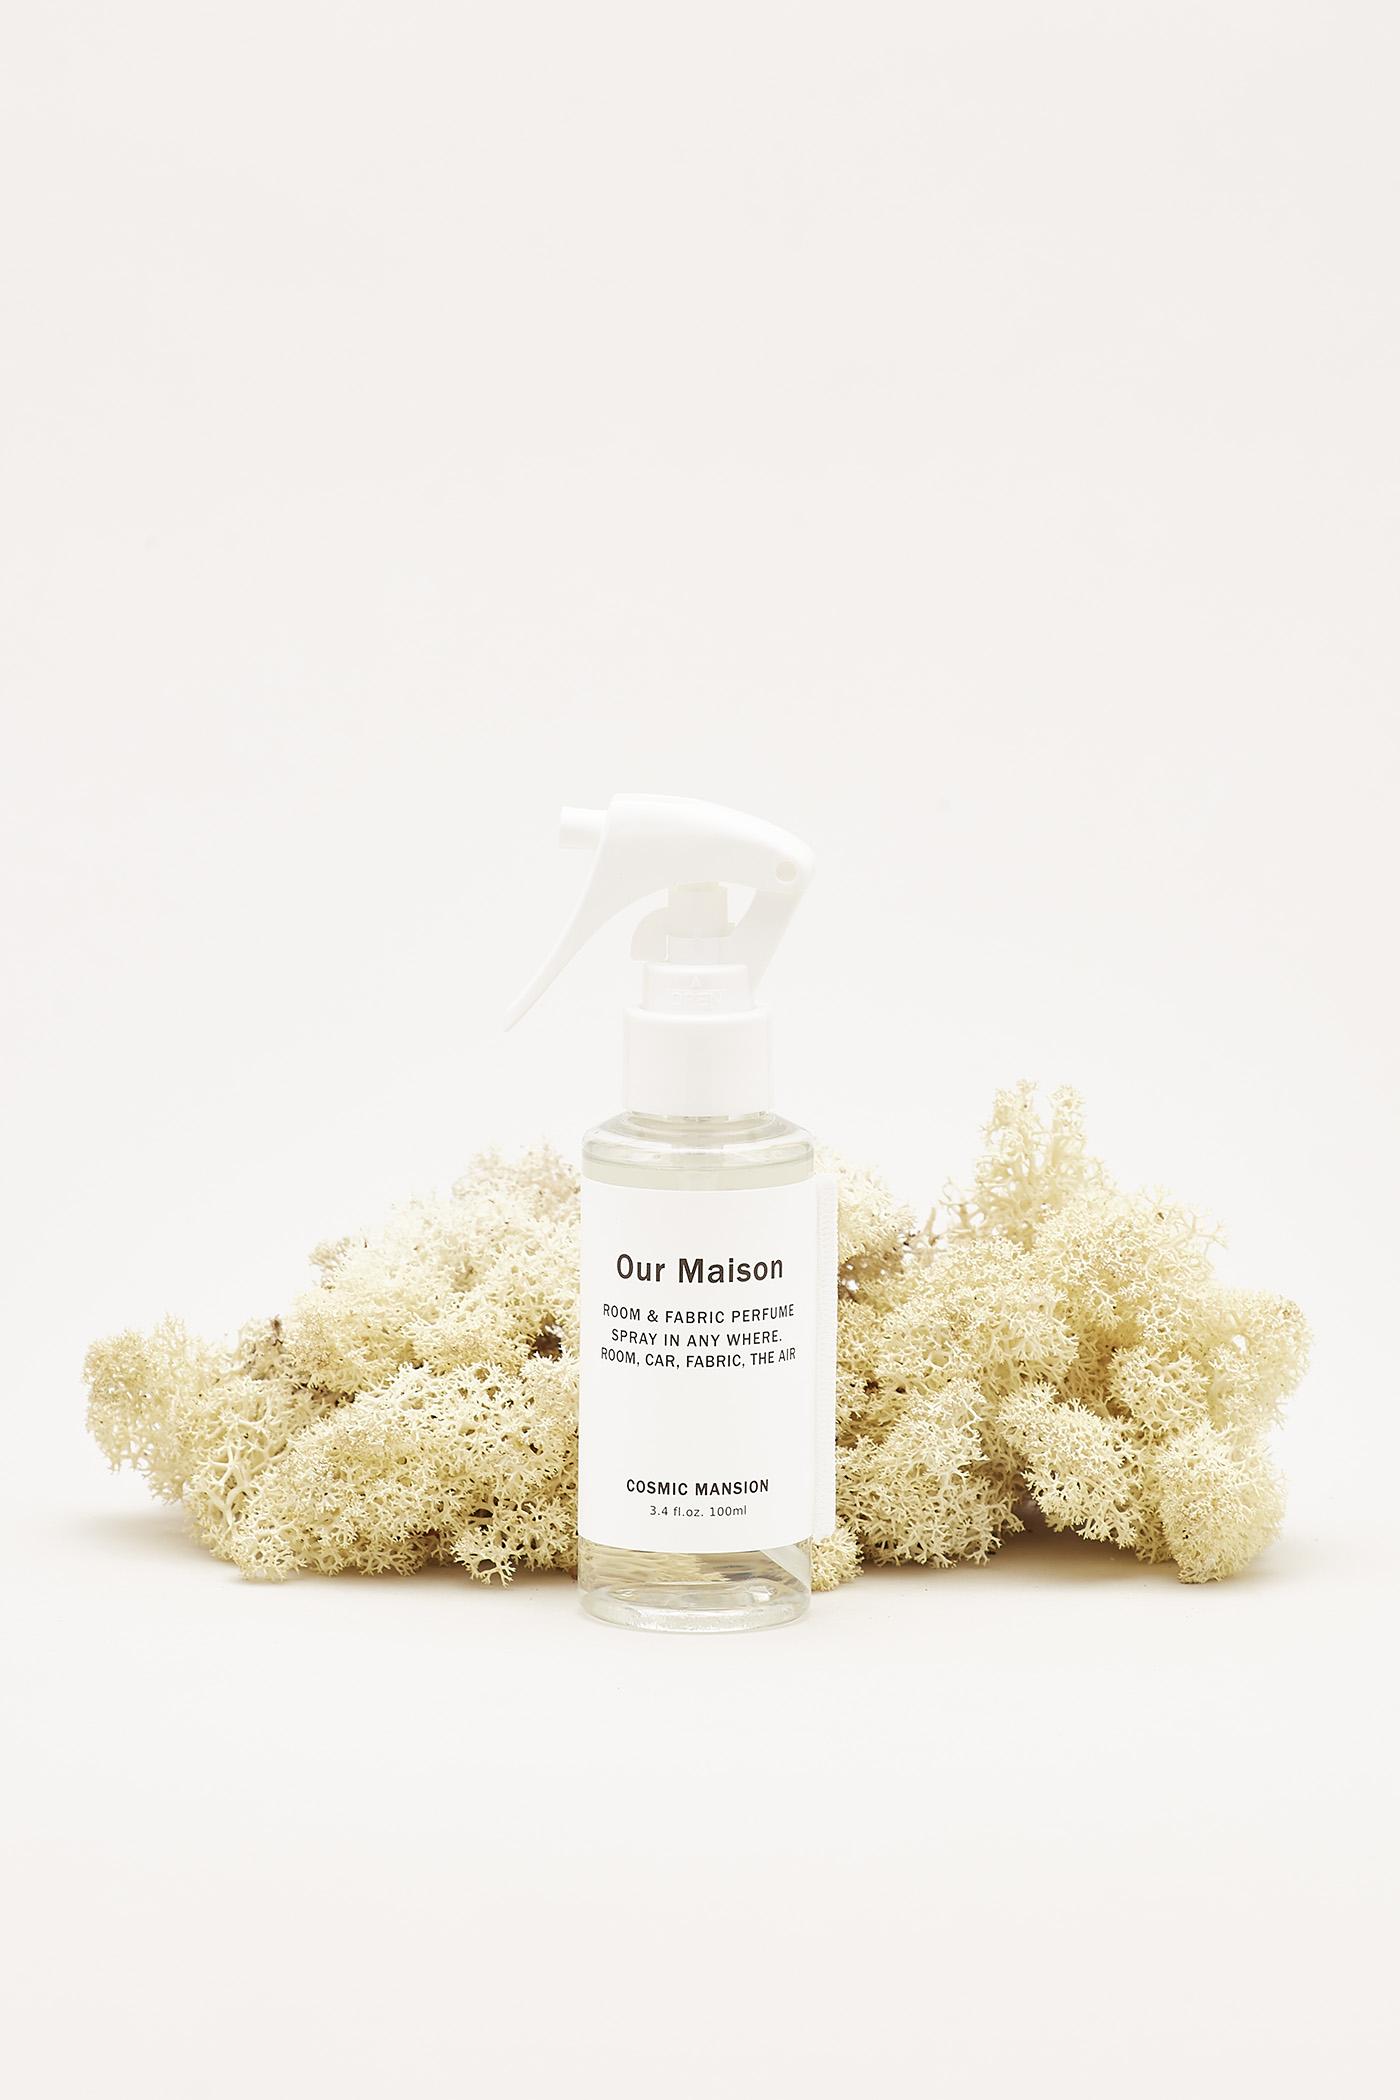 Cosmic Mansion Room Spray